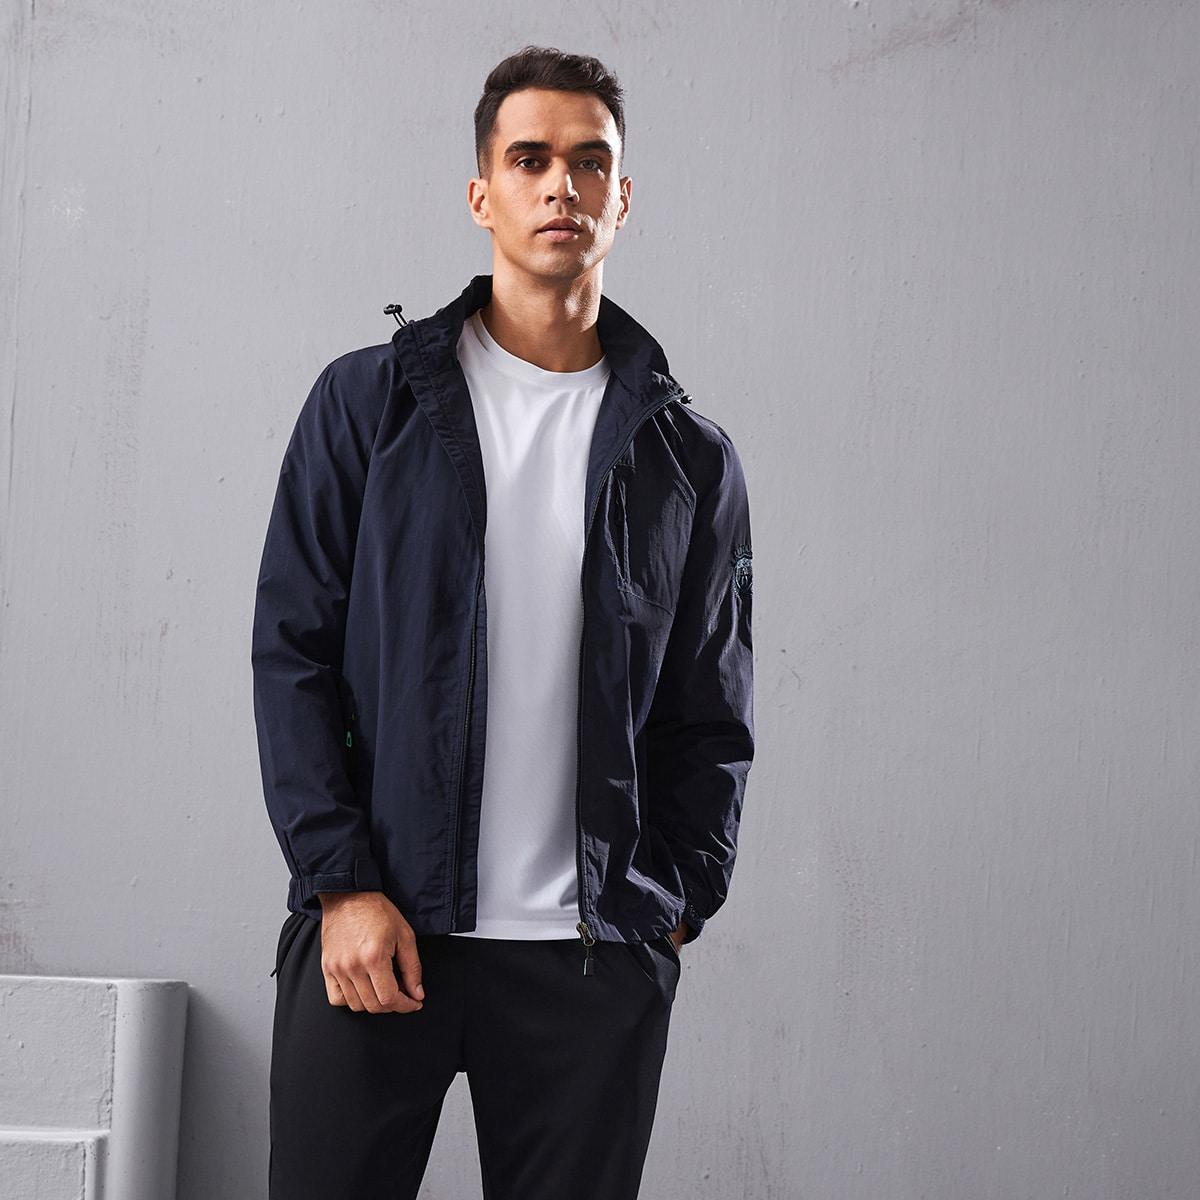 Мужская спортивная куртка с молнией и съемным